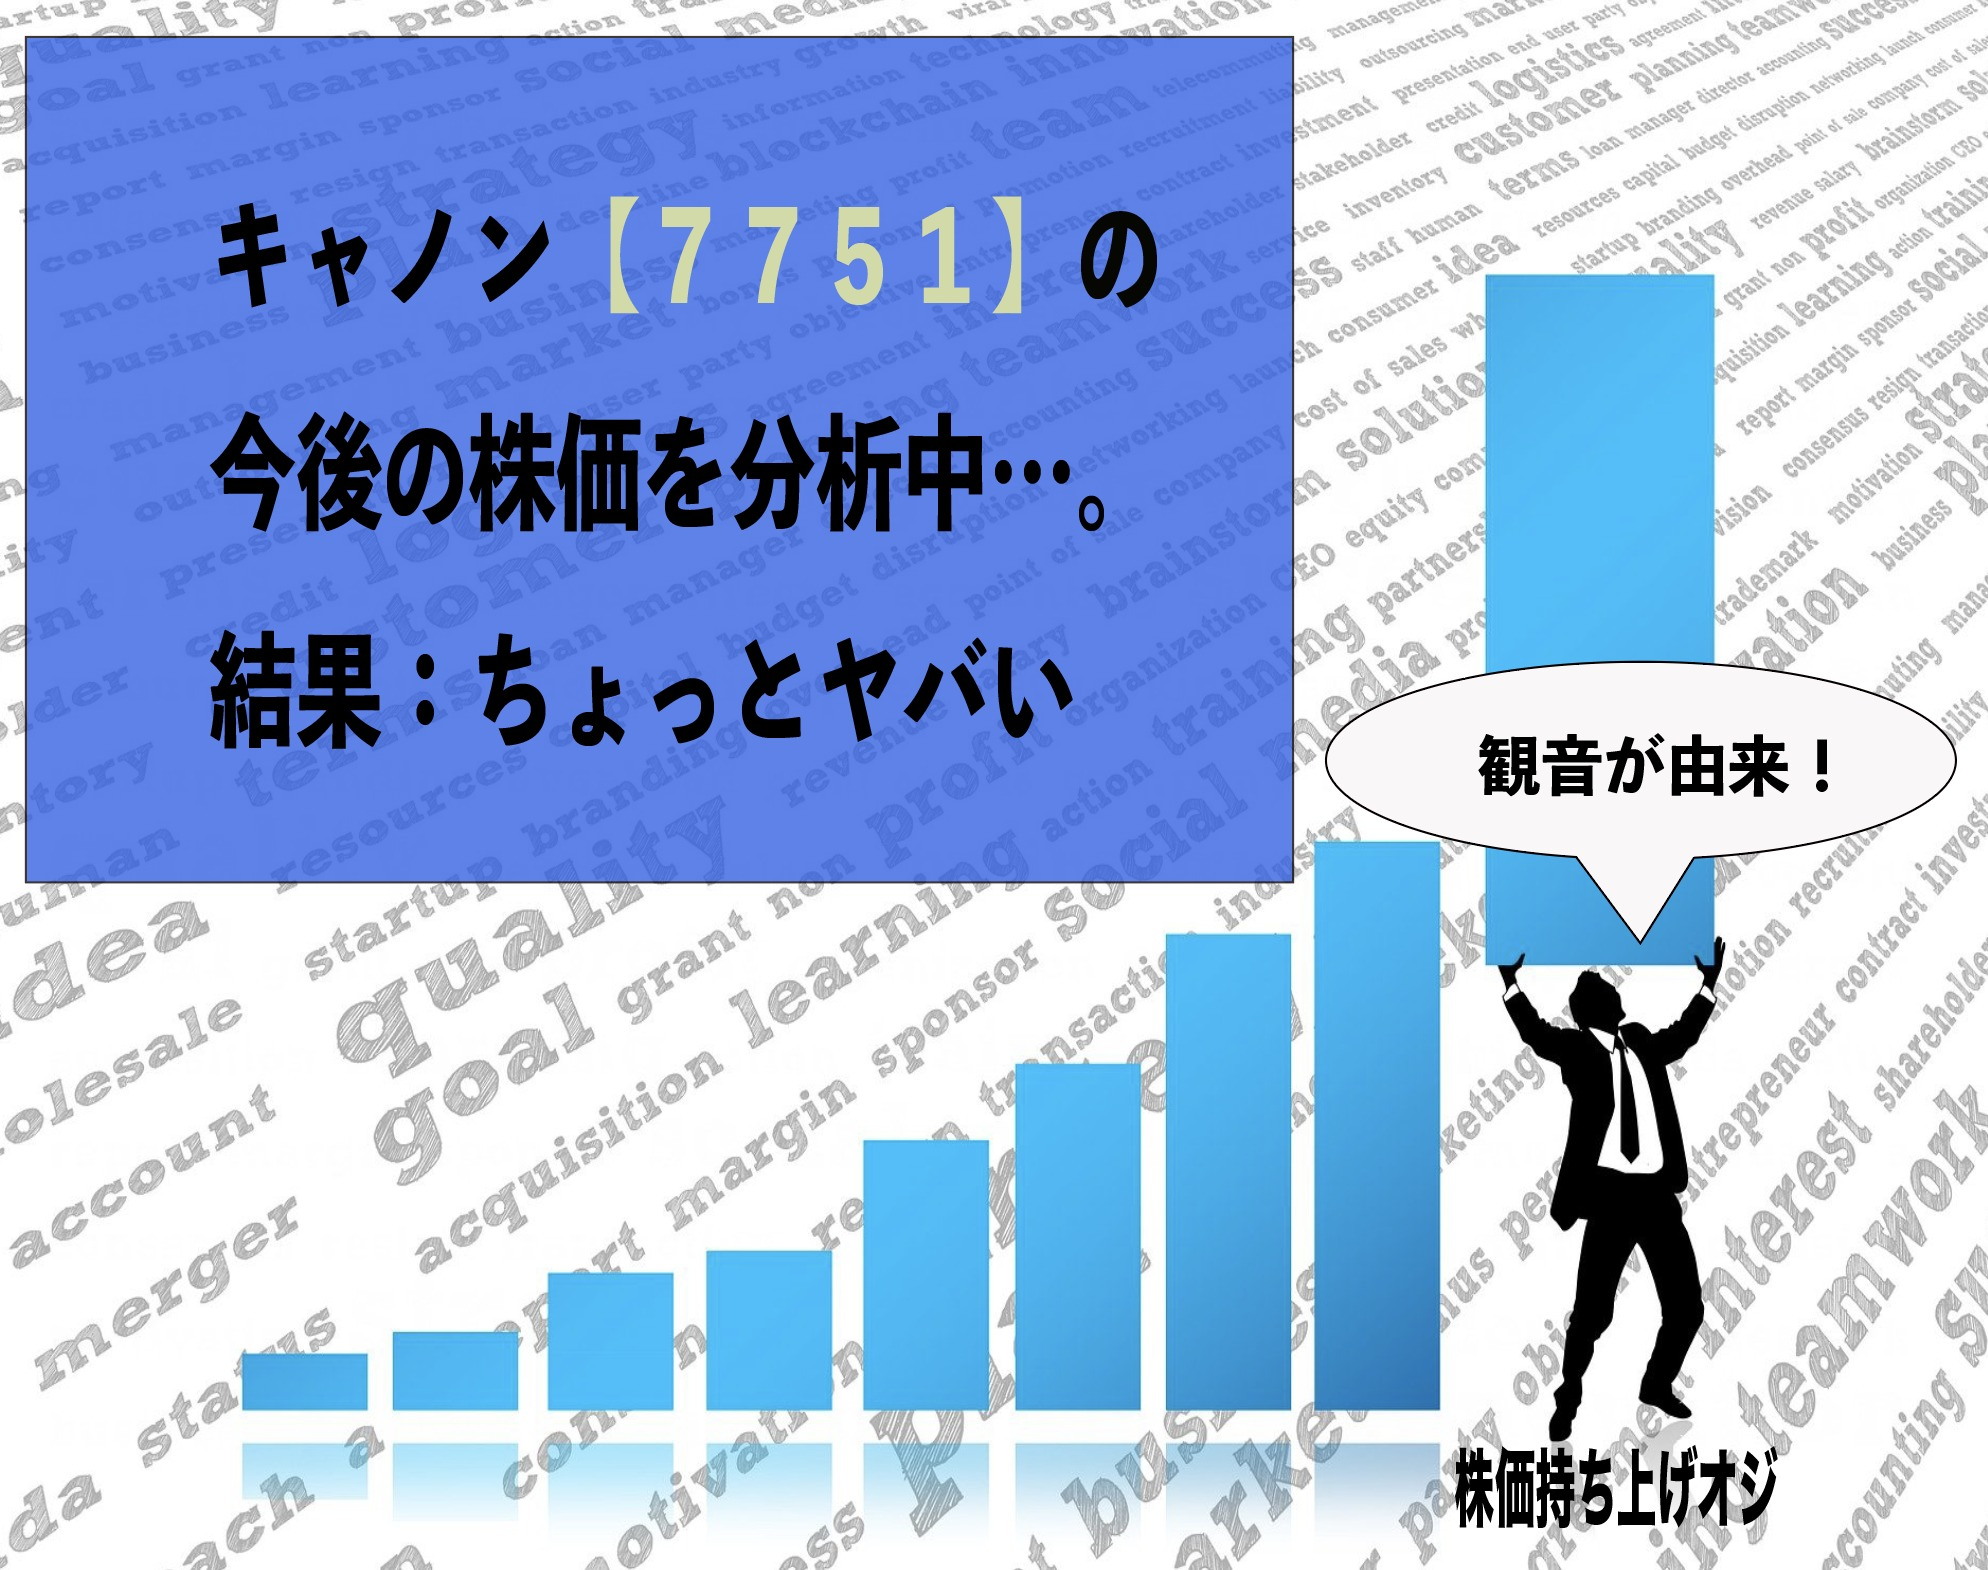 キャノン の 株価 キヤノン(7751) 株価 マーケット情報